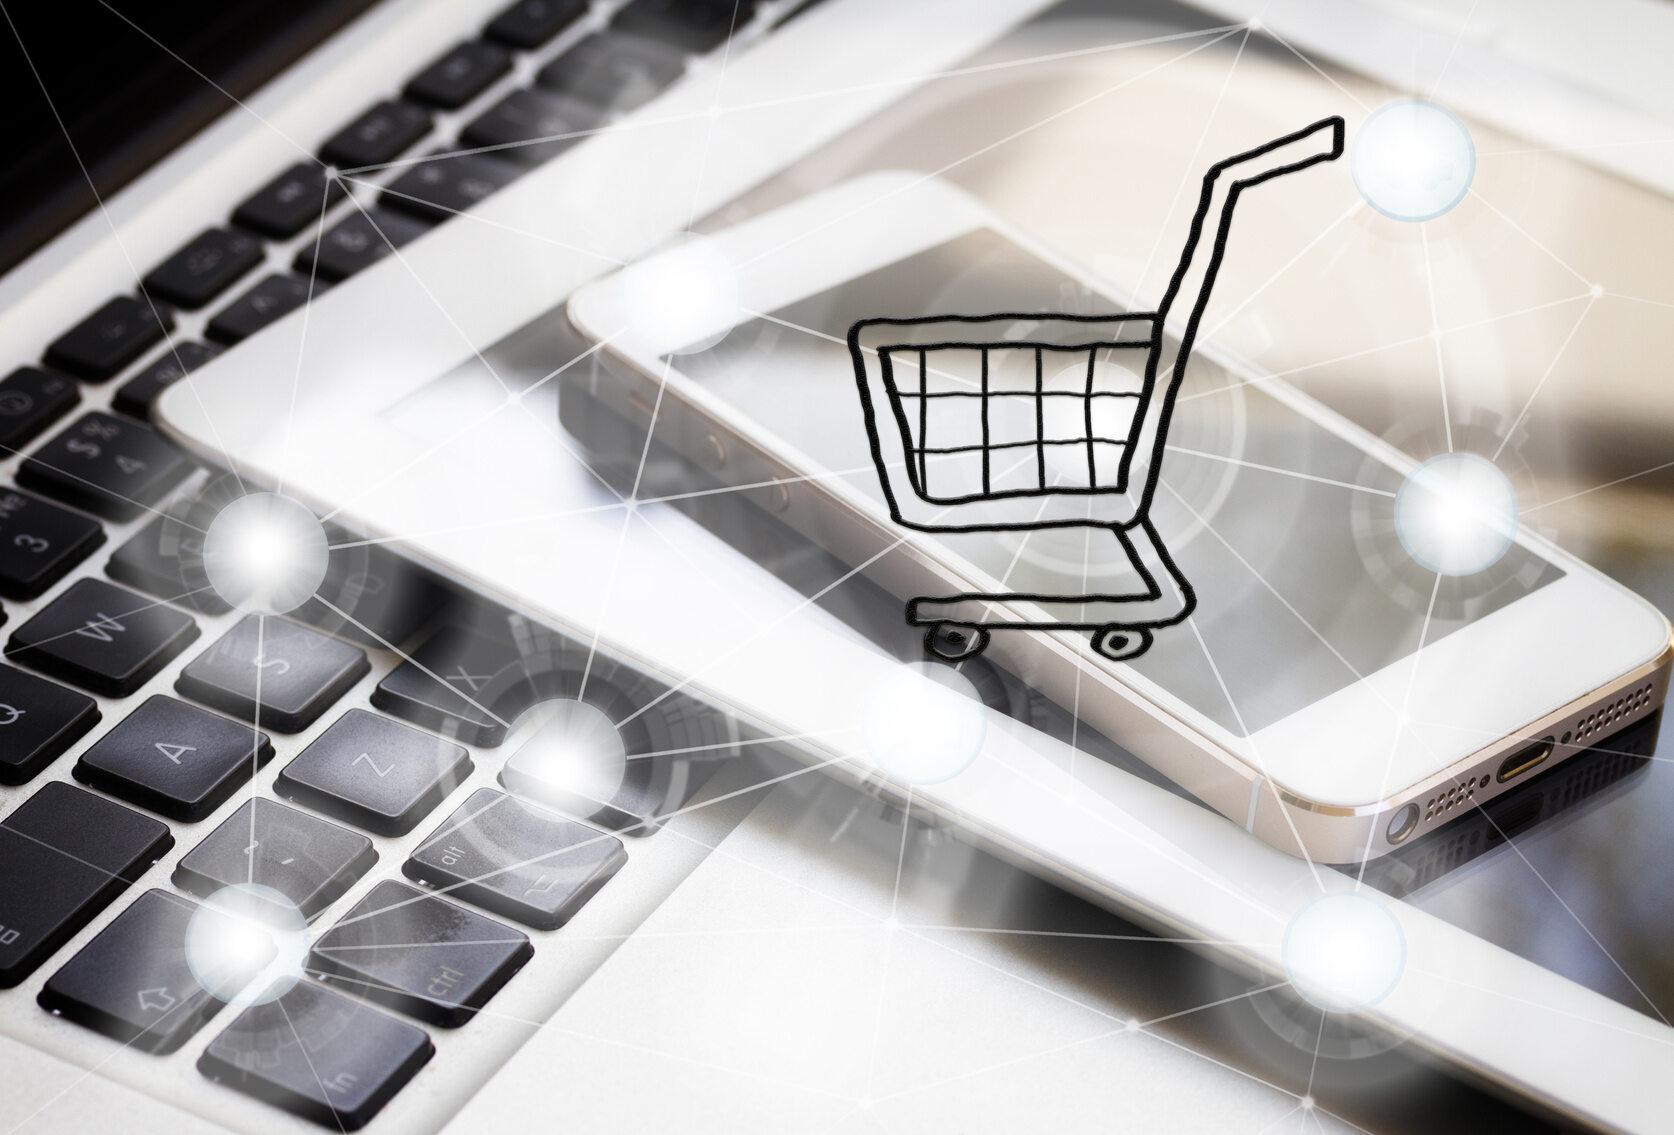 zakupy w sieci (zdj. ilustracyjne)